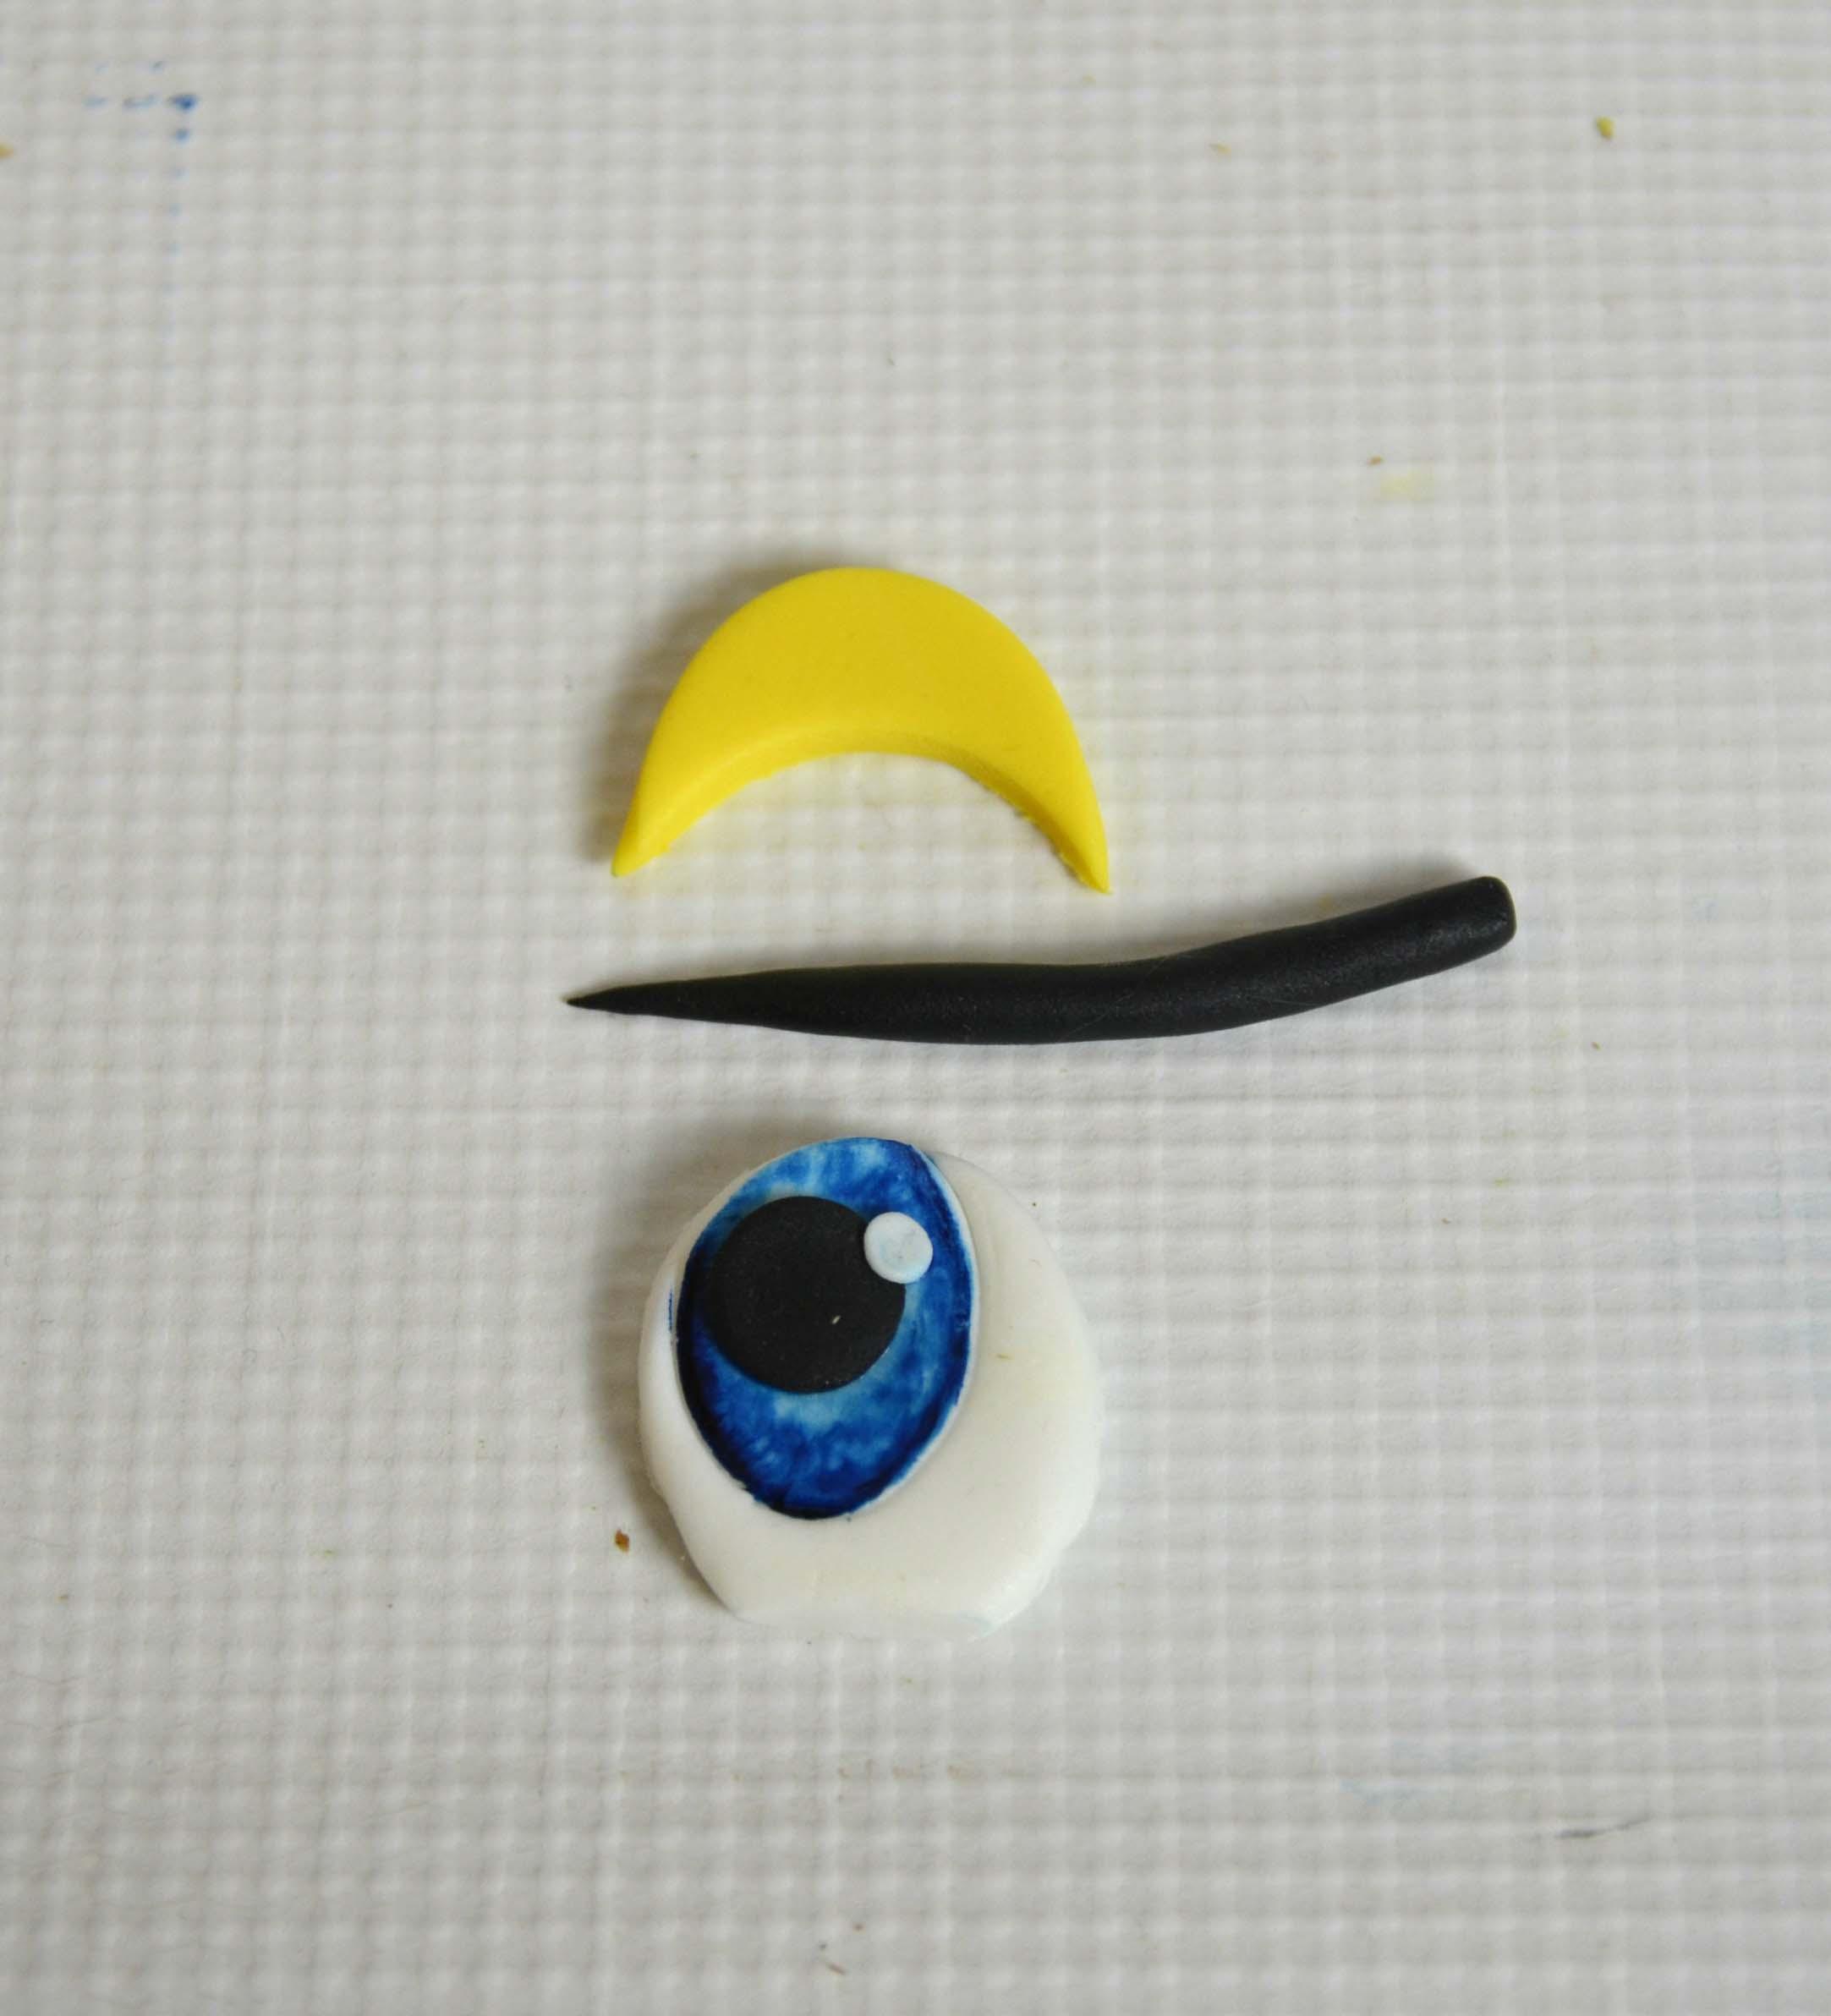 Easter chick eyes eyelashes and eyelids using yellow sugarpaste